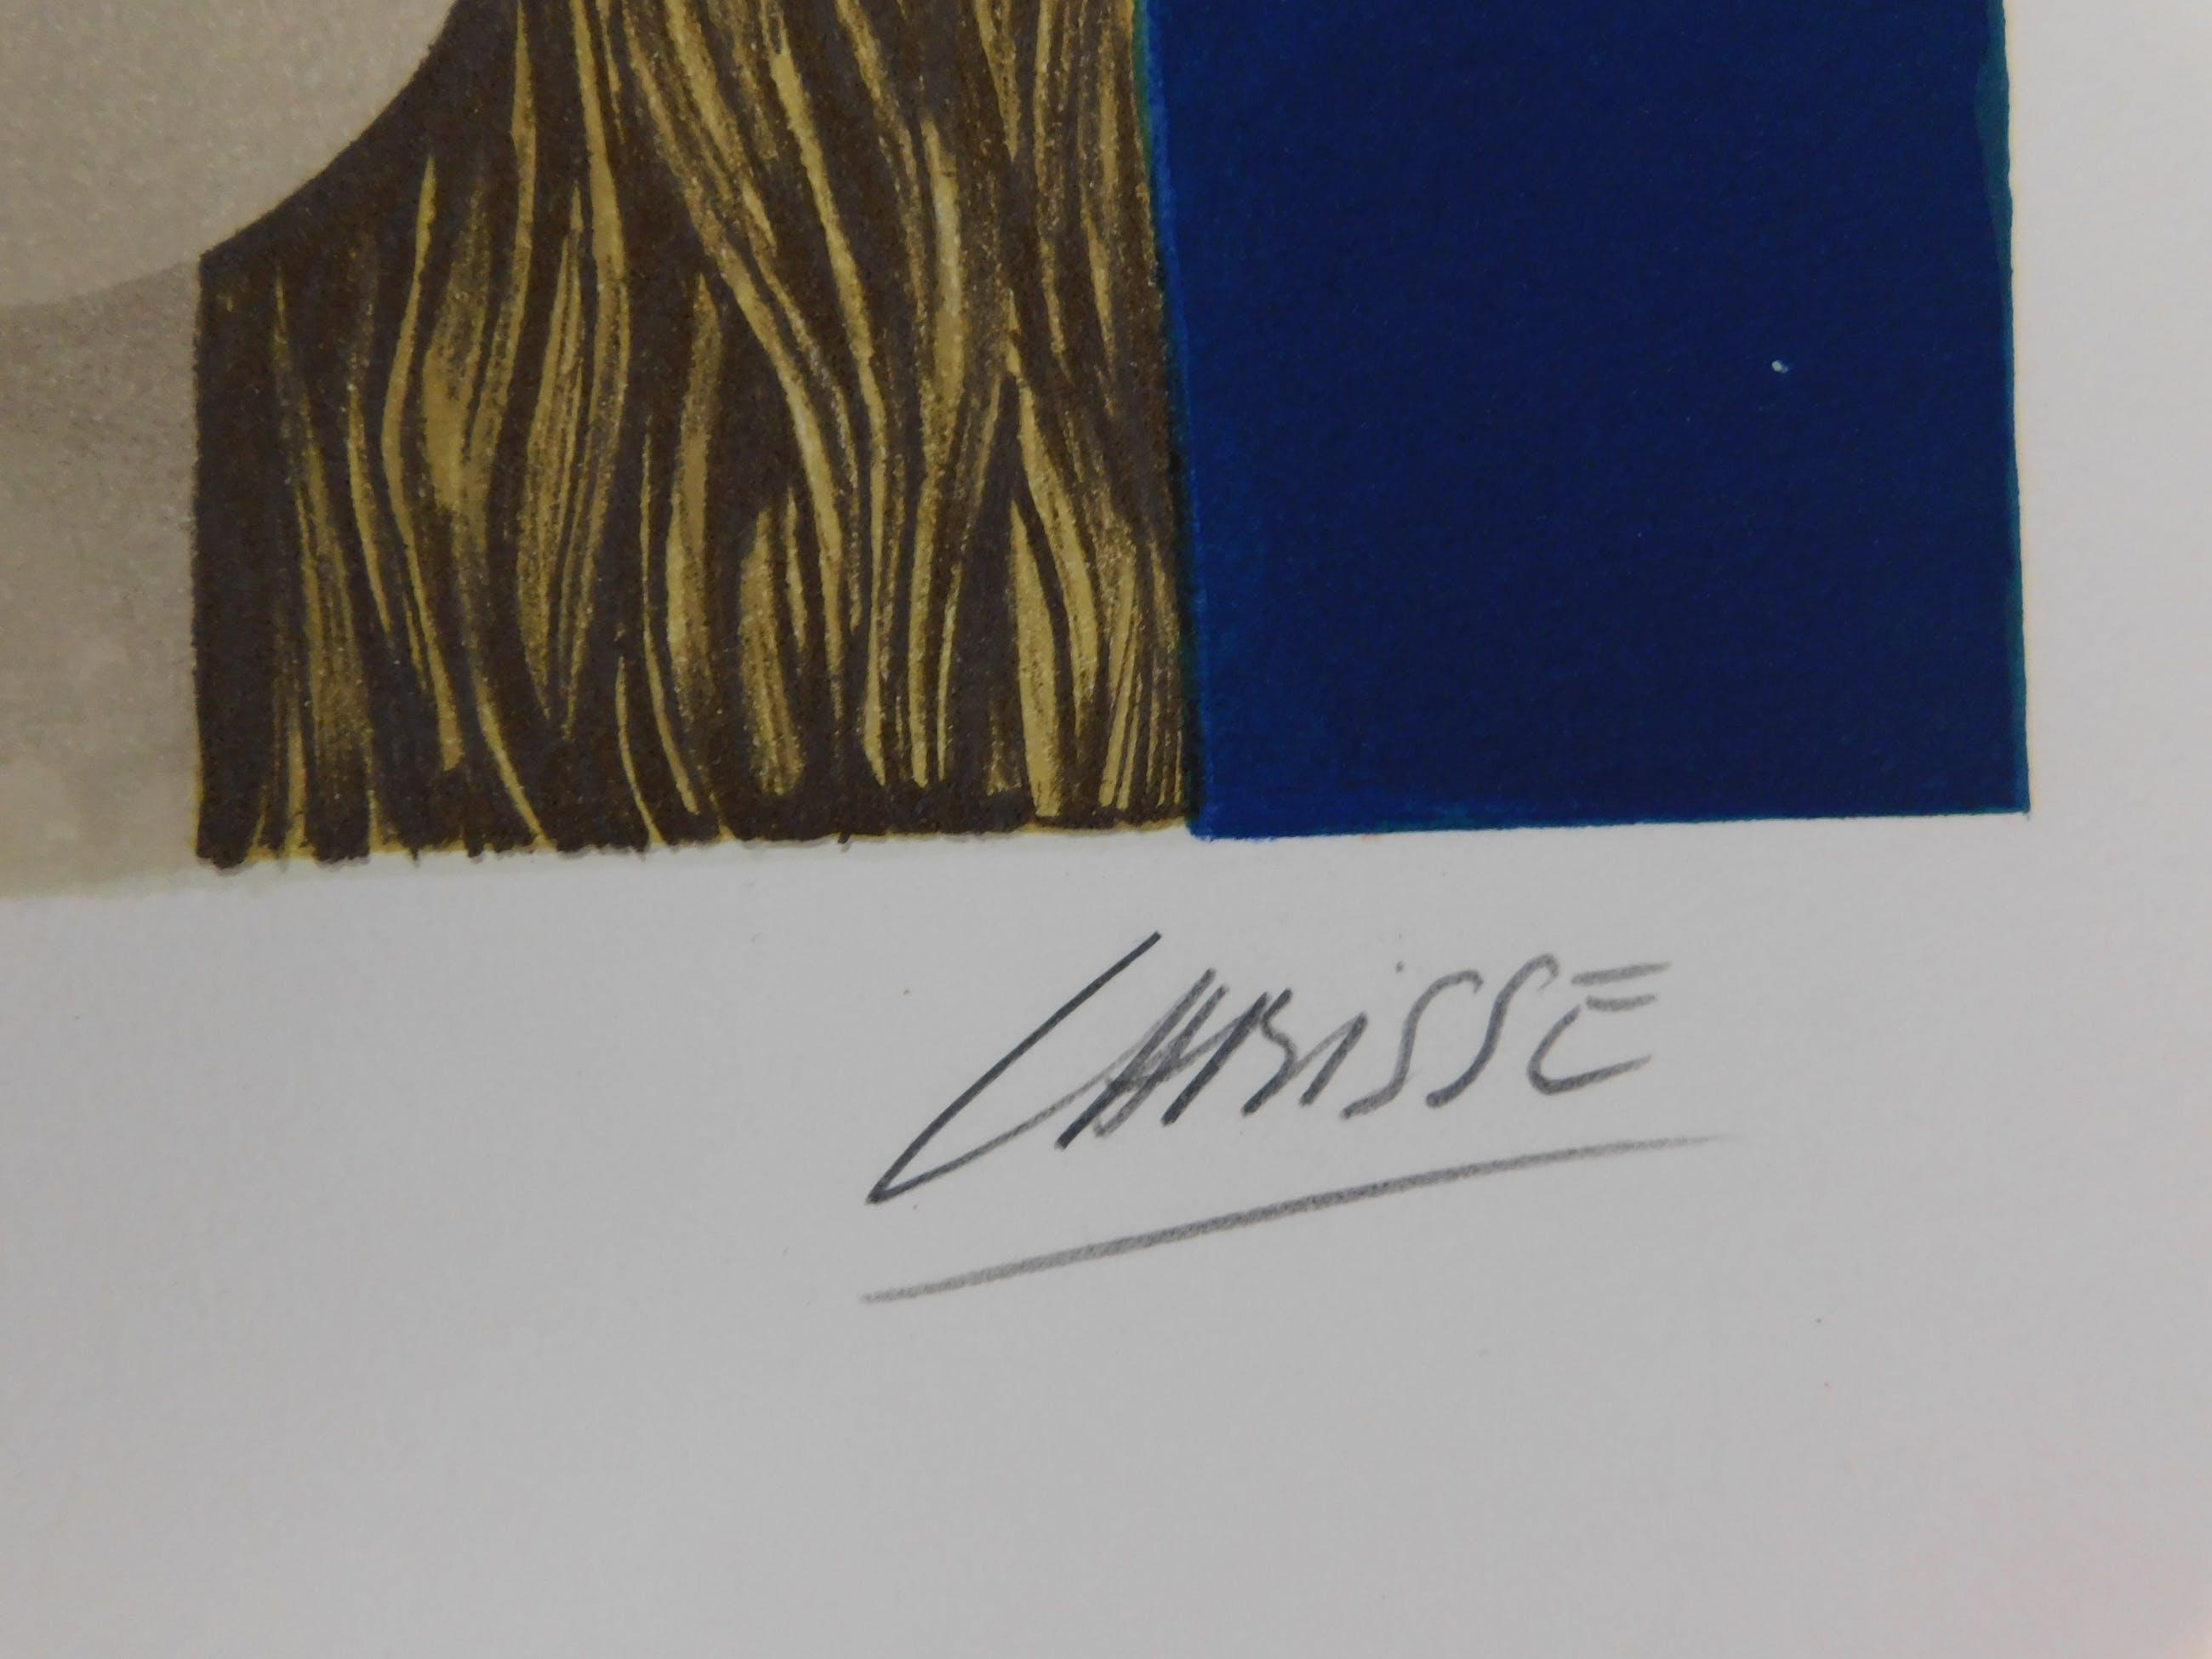 Felix Labisse - Femme nue kopen? Bied vanaf 35!